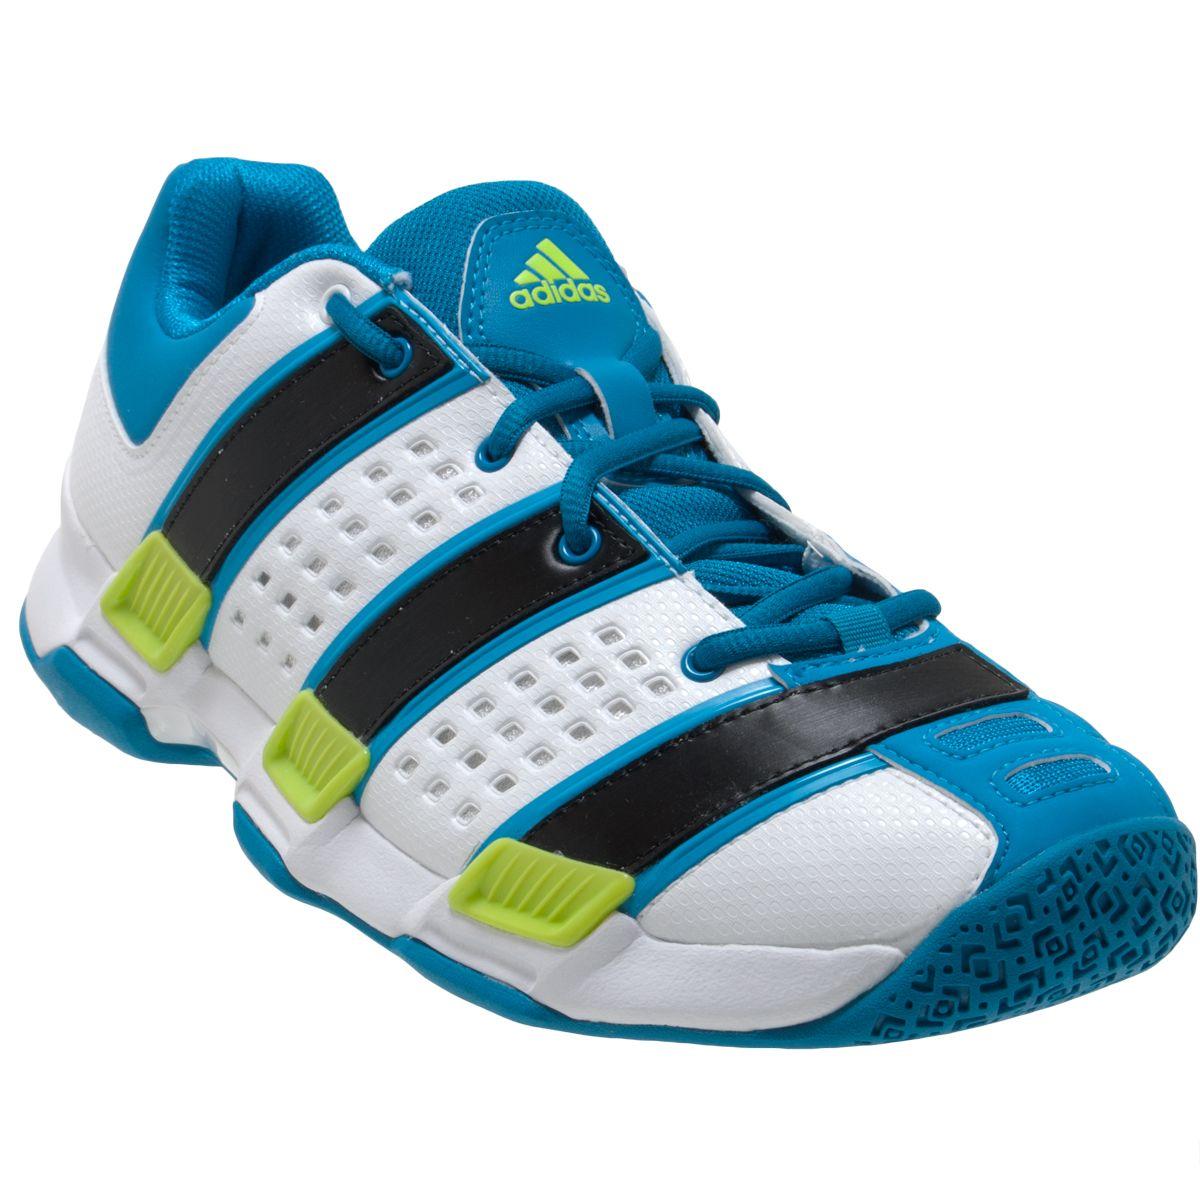 tenis para handebol adidas 1  f78173e213864